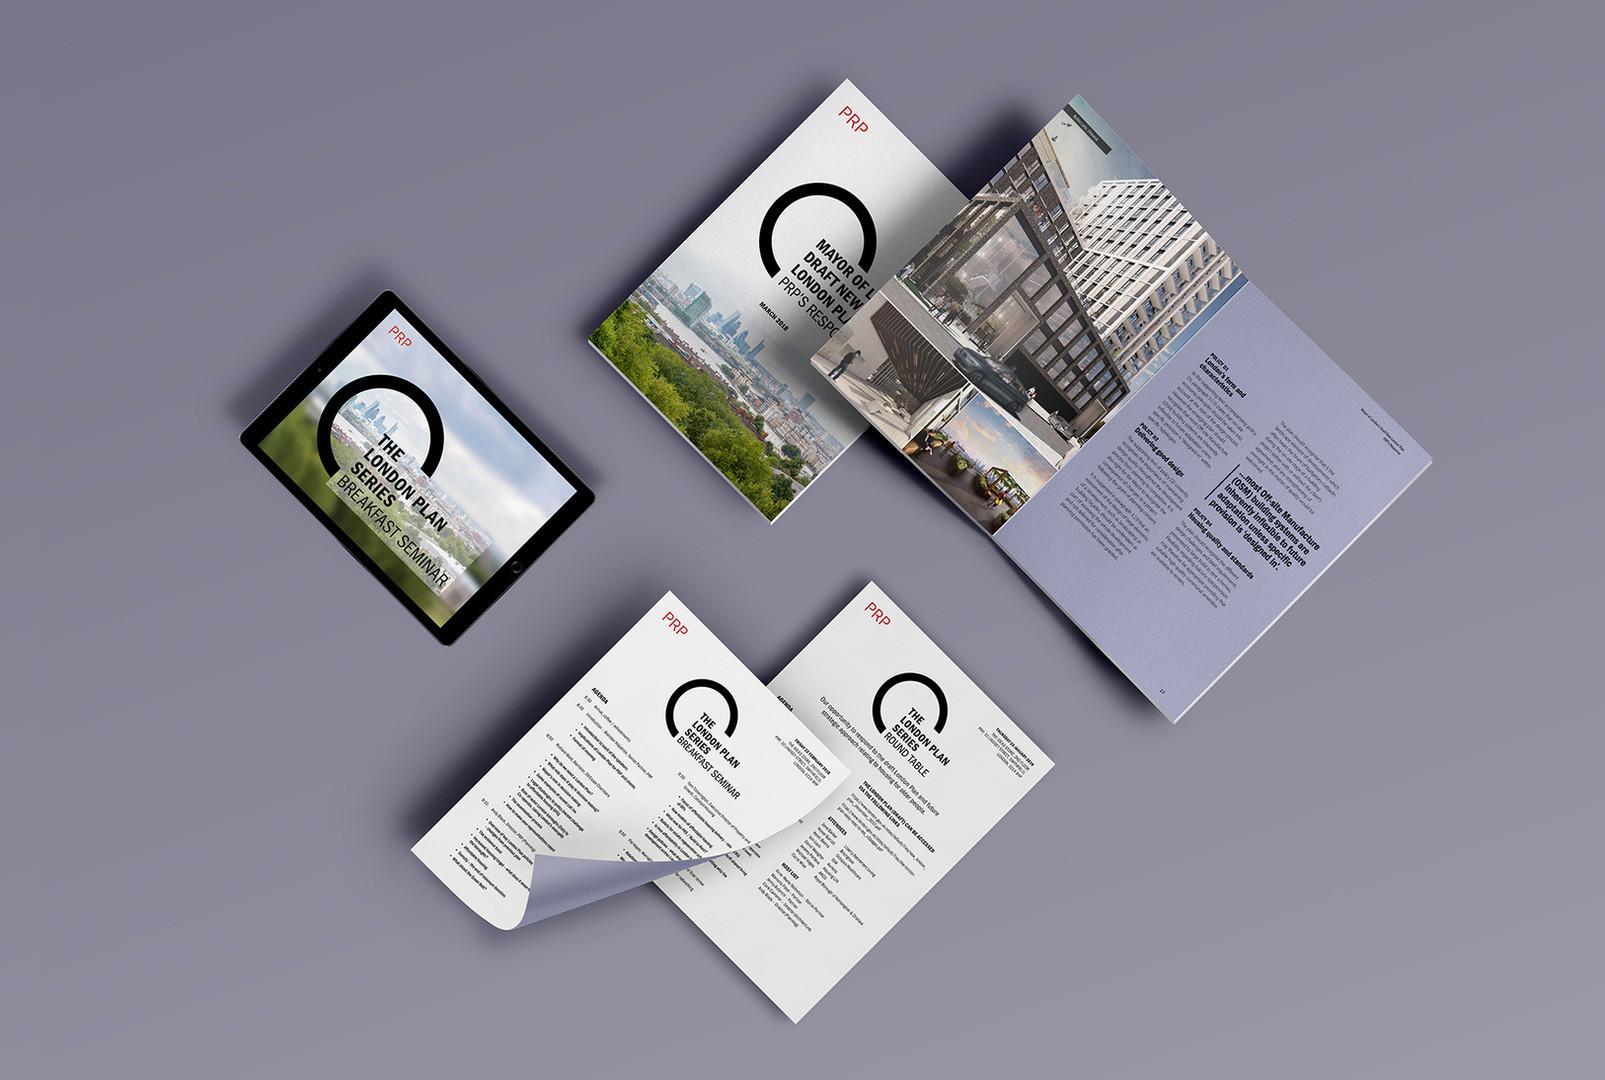 New London Plan web 10jpg.jpg